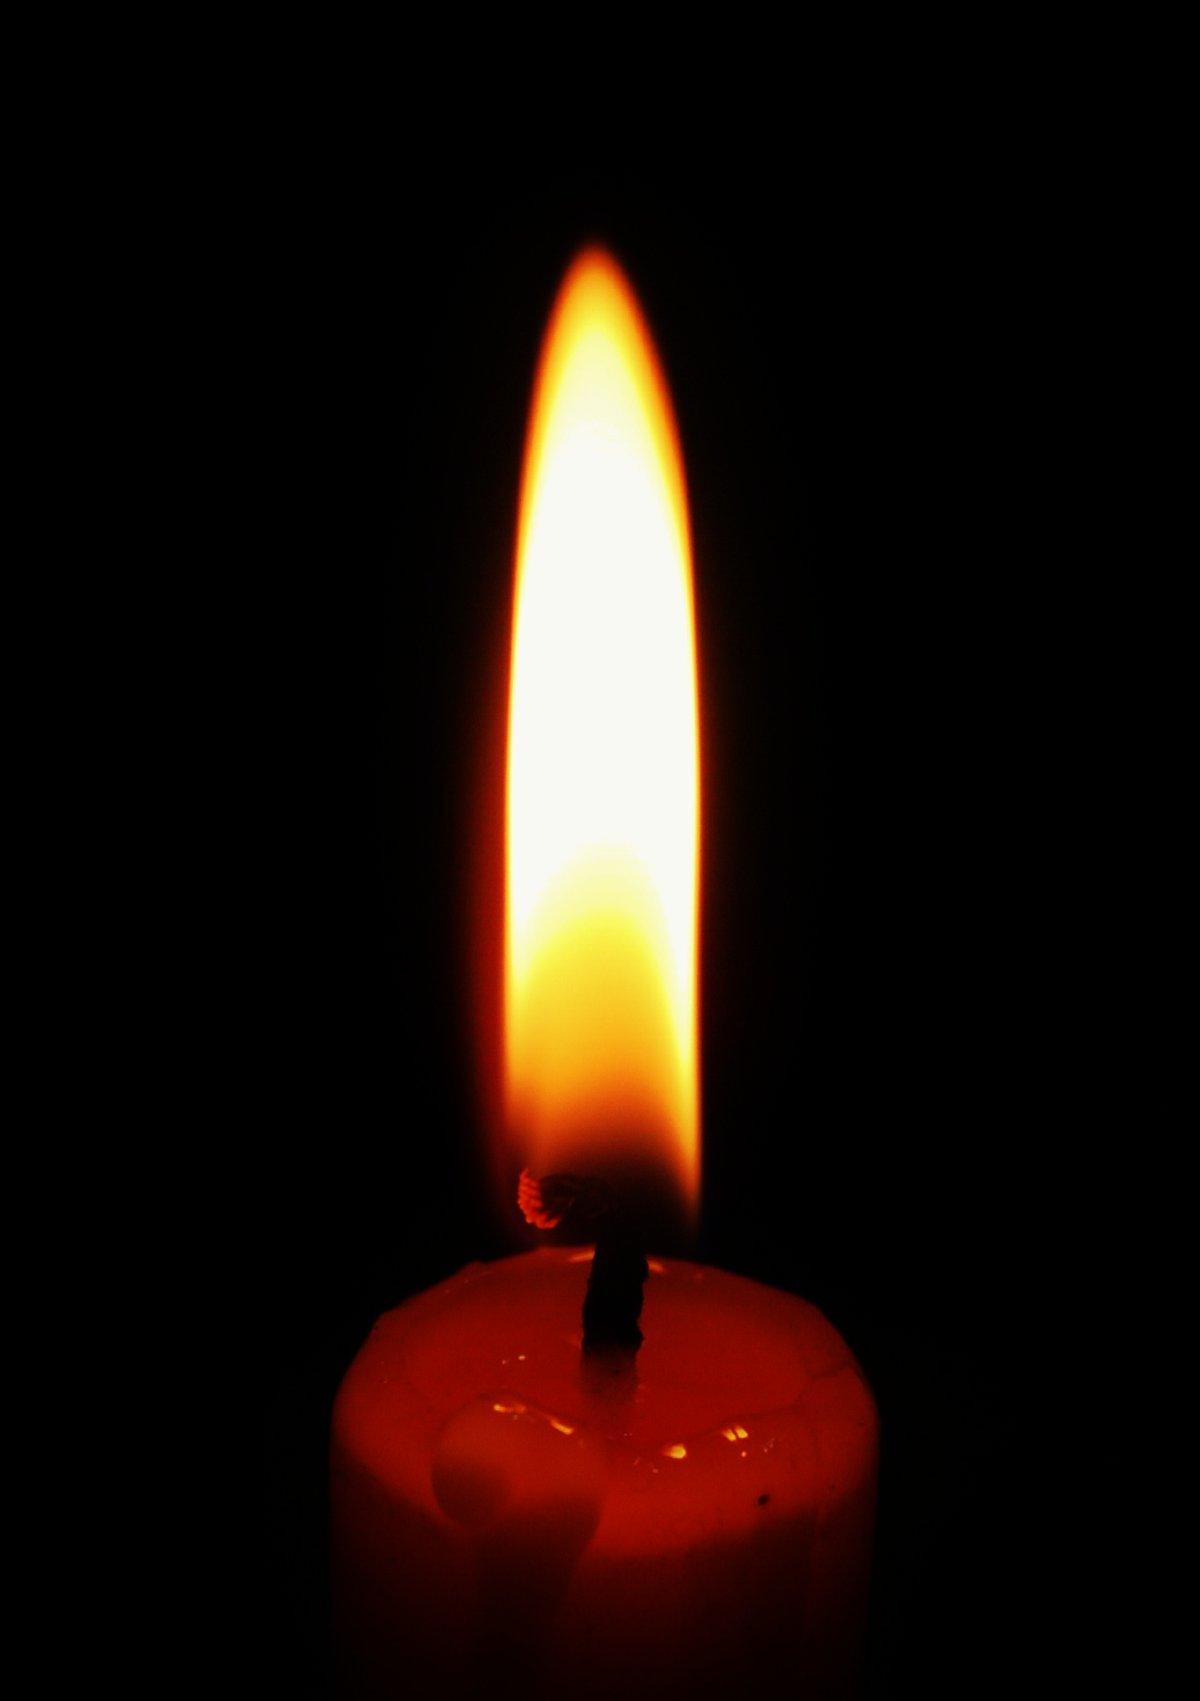 Горящая свеча анимашка